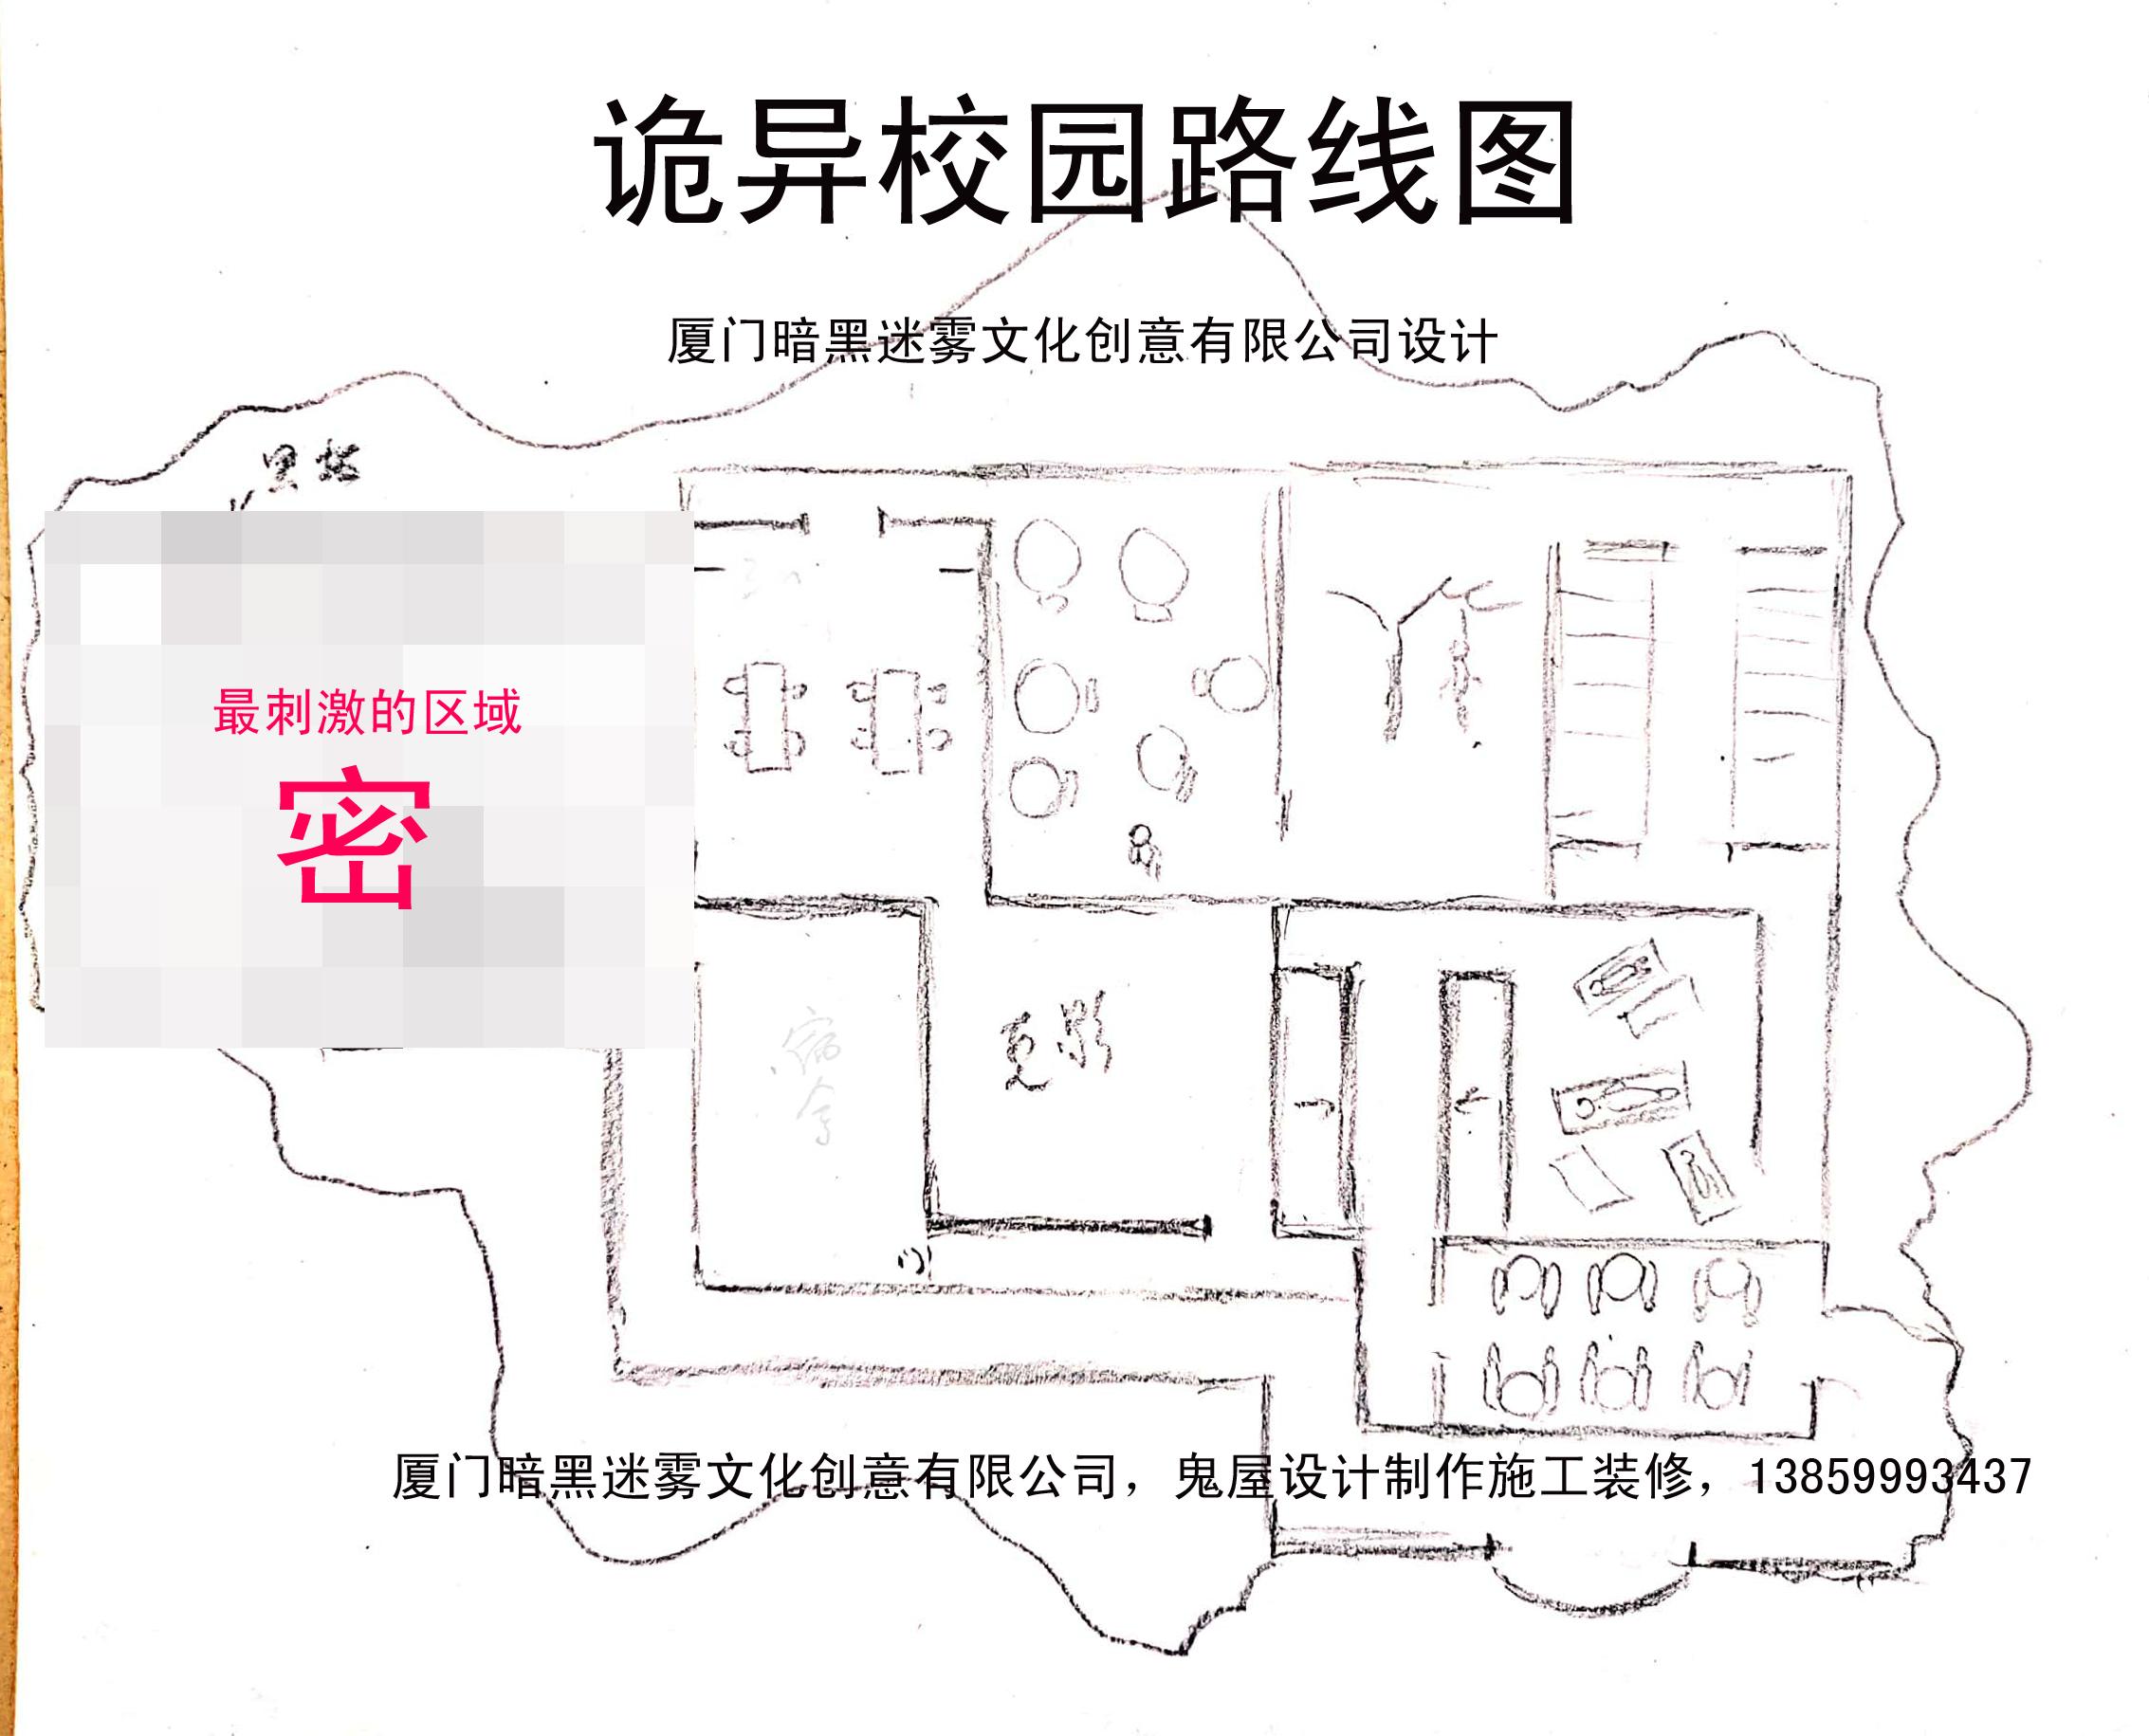 鬼屋路线设计图平面图布局图装修图13859993437